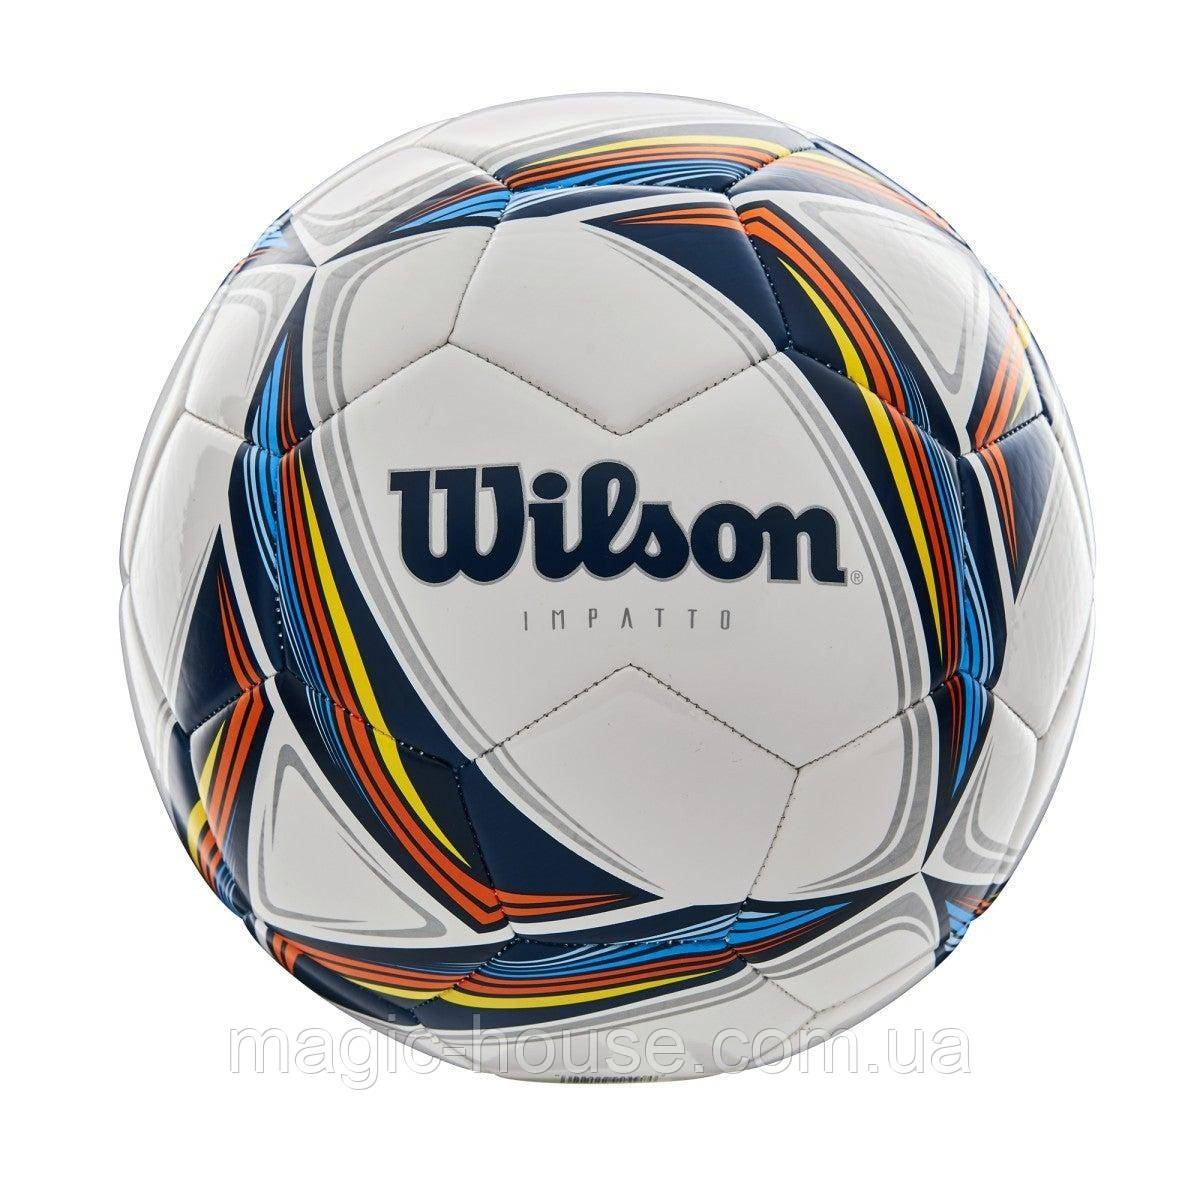 WilsonImpatto Soccer Ball М'яч Вілсон футбольний ігровий розмір 5